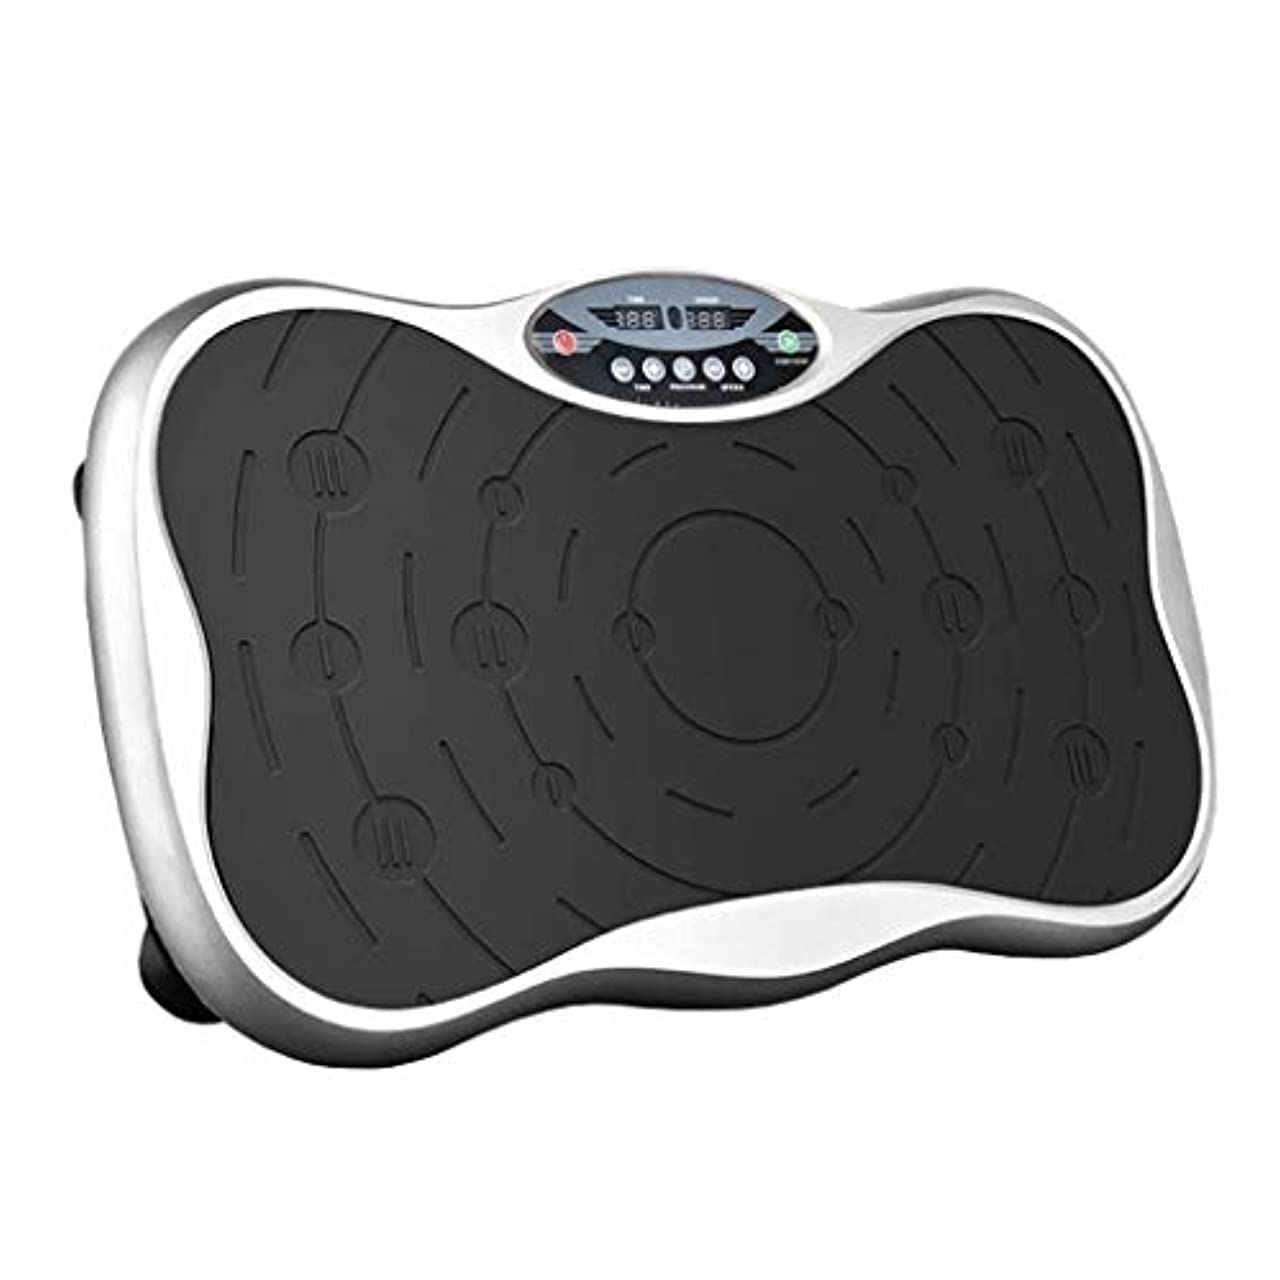 入植者豚夫婦減量装置、フィットネス振動プラットフォーム-エクササイズフィットネスマシントレーナー-ボディマッサージスリム-振動プラットフォーム-全身振動 (Color : 銀)